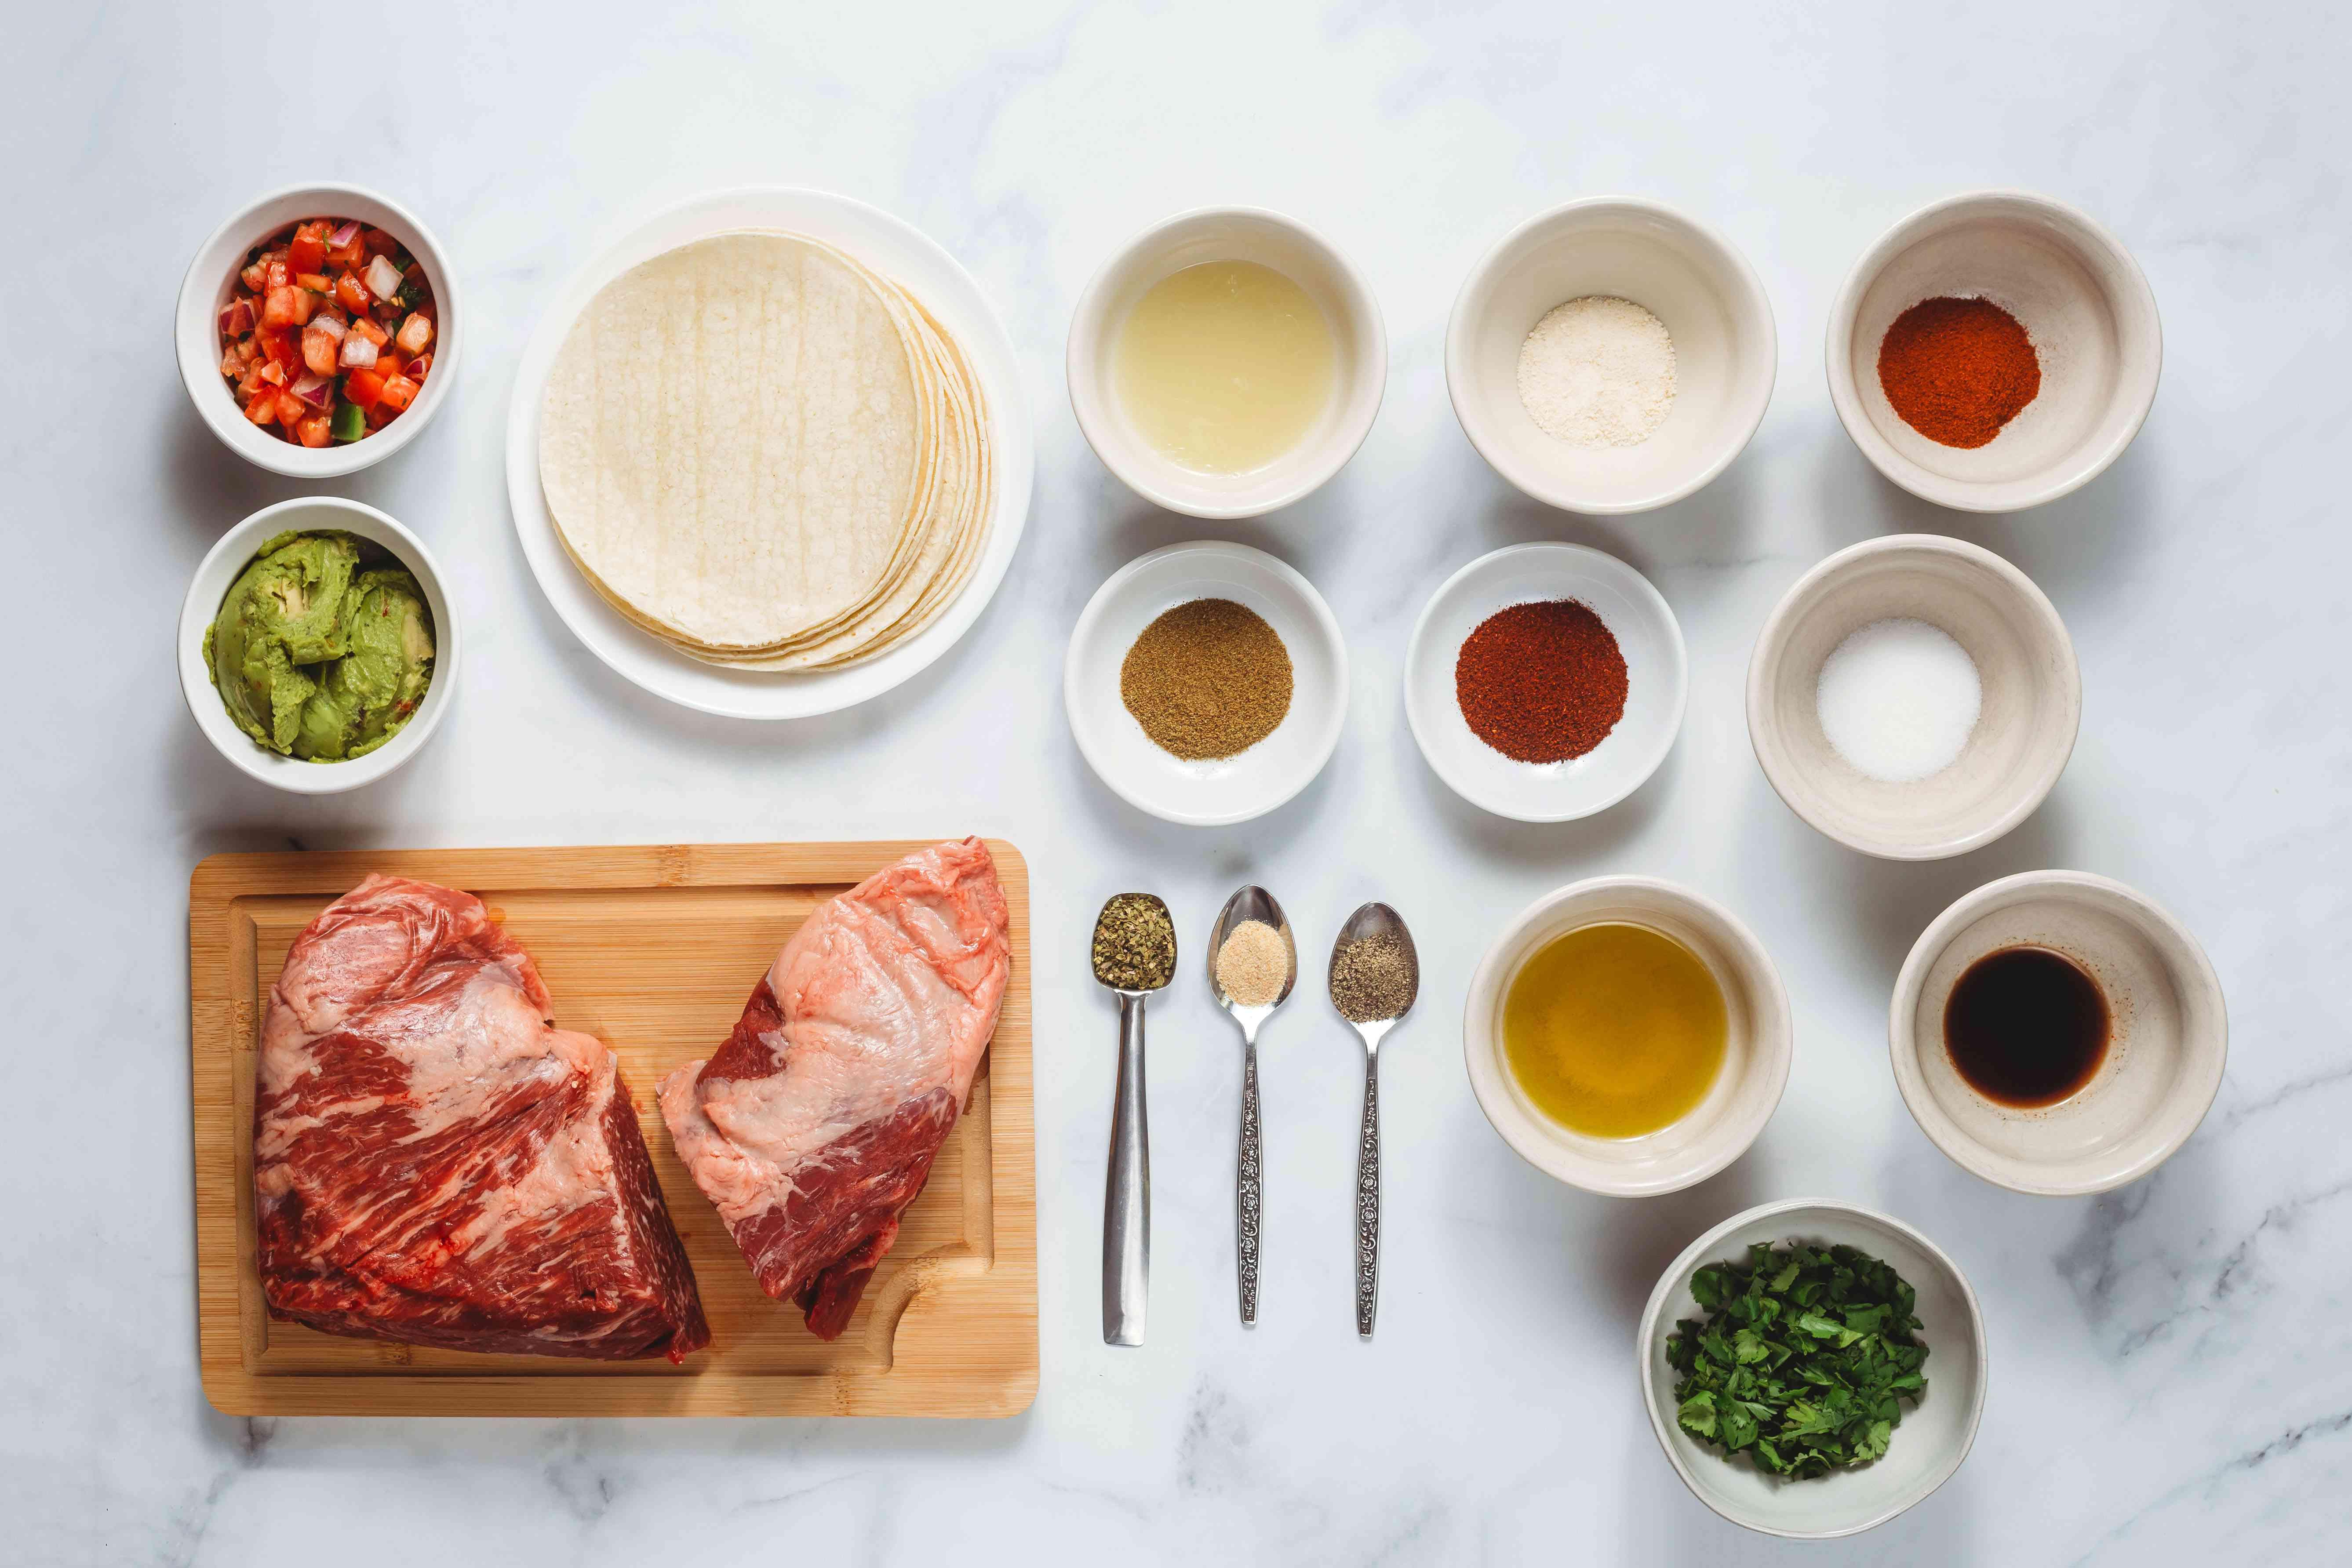 Tri-Tip Steak Tacos ingredients